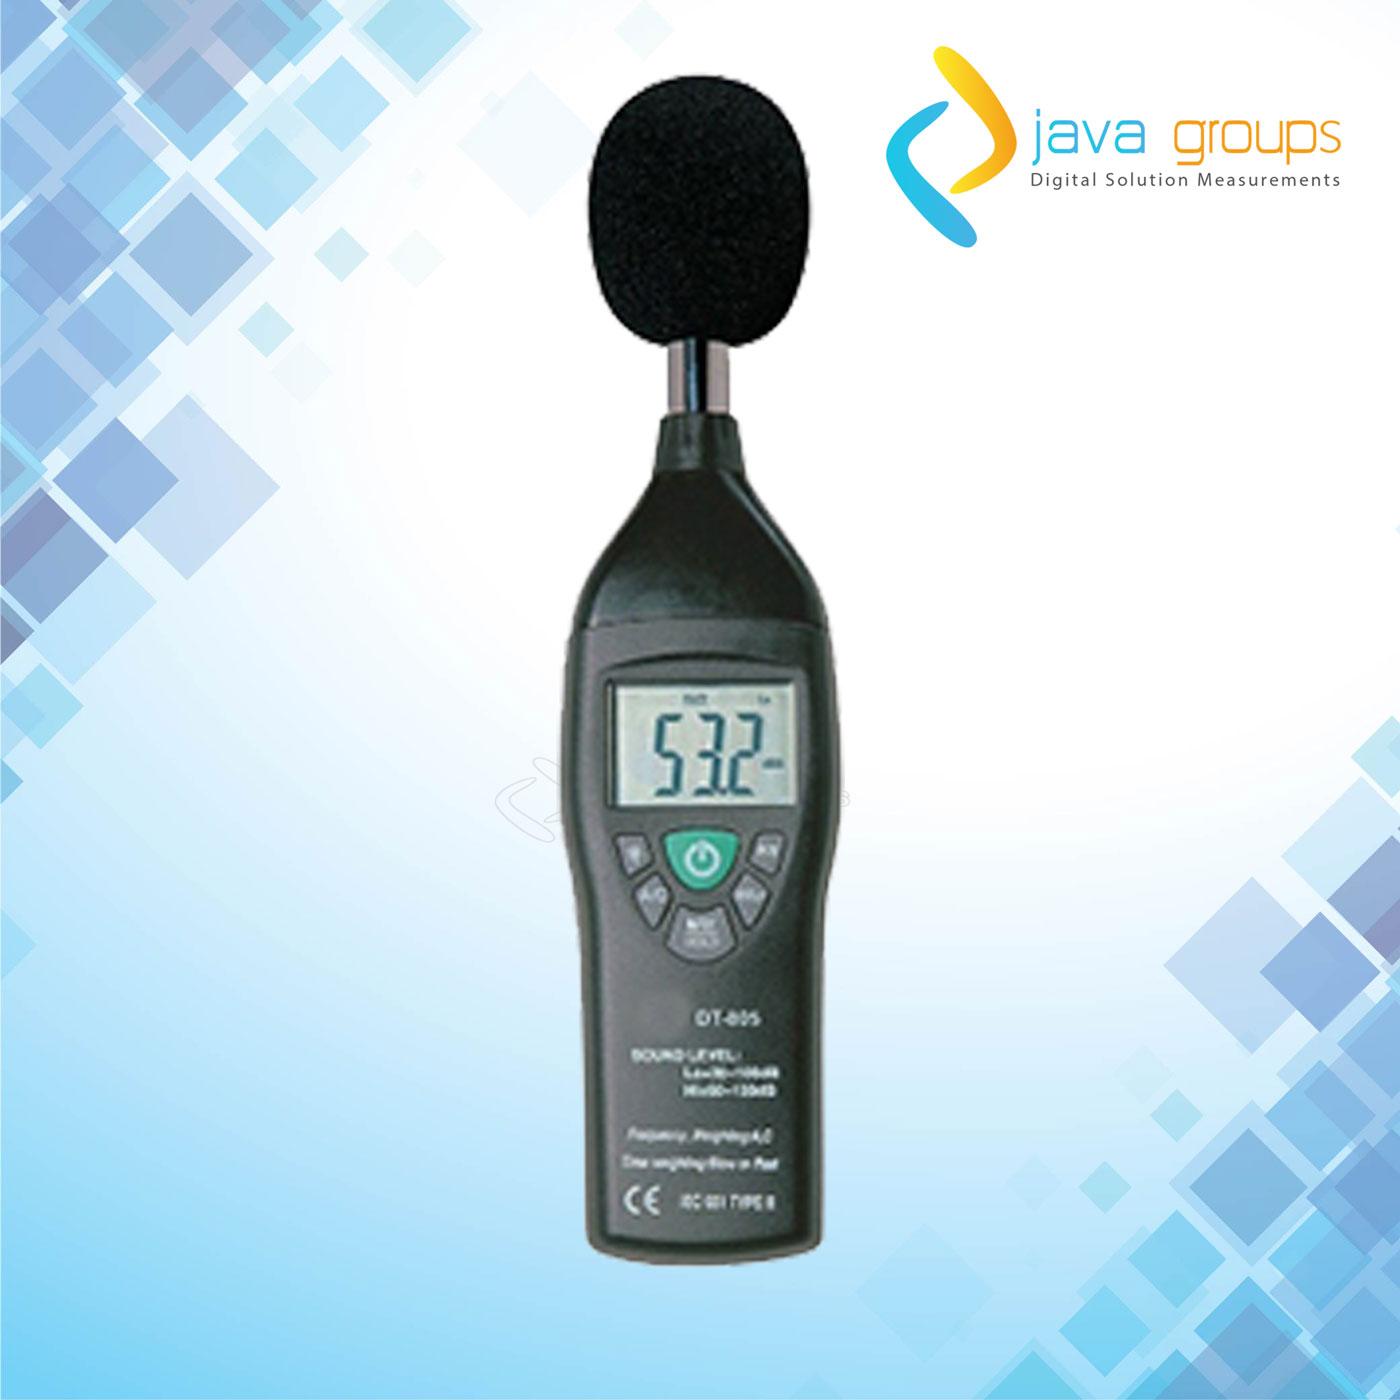 Alat Pengukur Tingkat Suara Digital Professional Seri DT-805